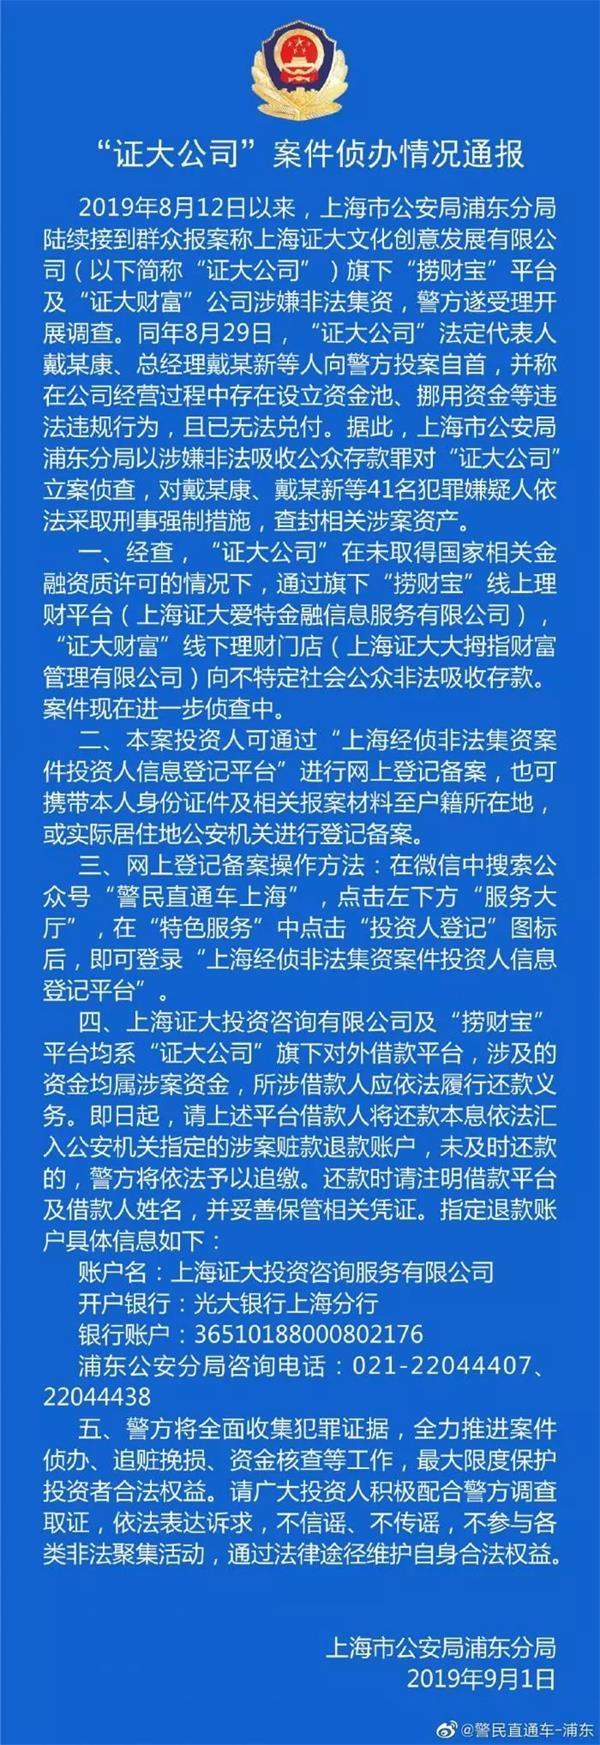 100亿上海滩大佬自首 警方:涉嫌非法吸储!5天前还说:不跑路、不失联